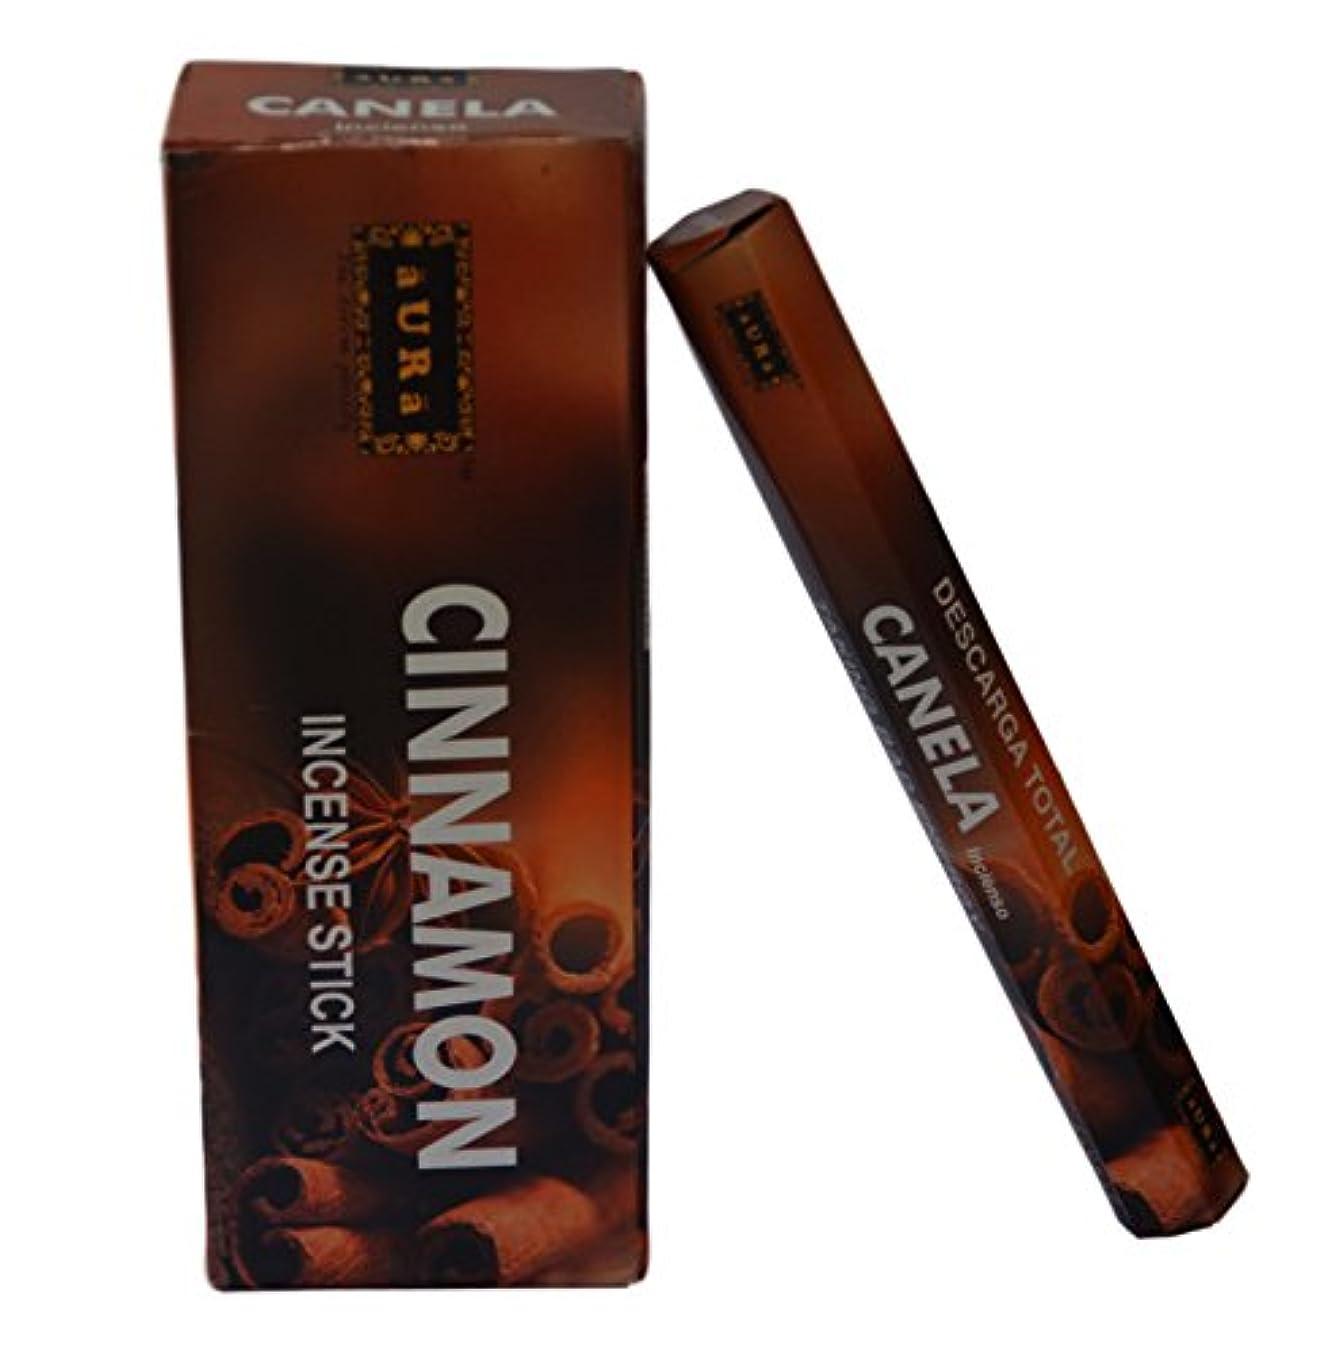 付添人全部ぼかしオーラCinnamon Scented Incense Sticks、プレミアム天然Incense Sticks、六角packing- 120 Sticks